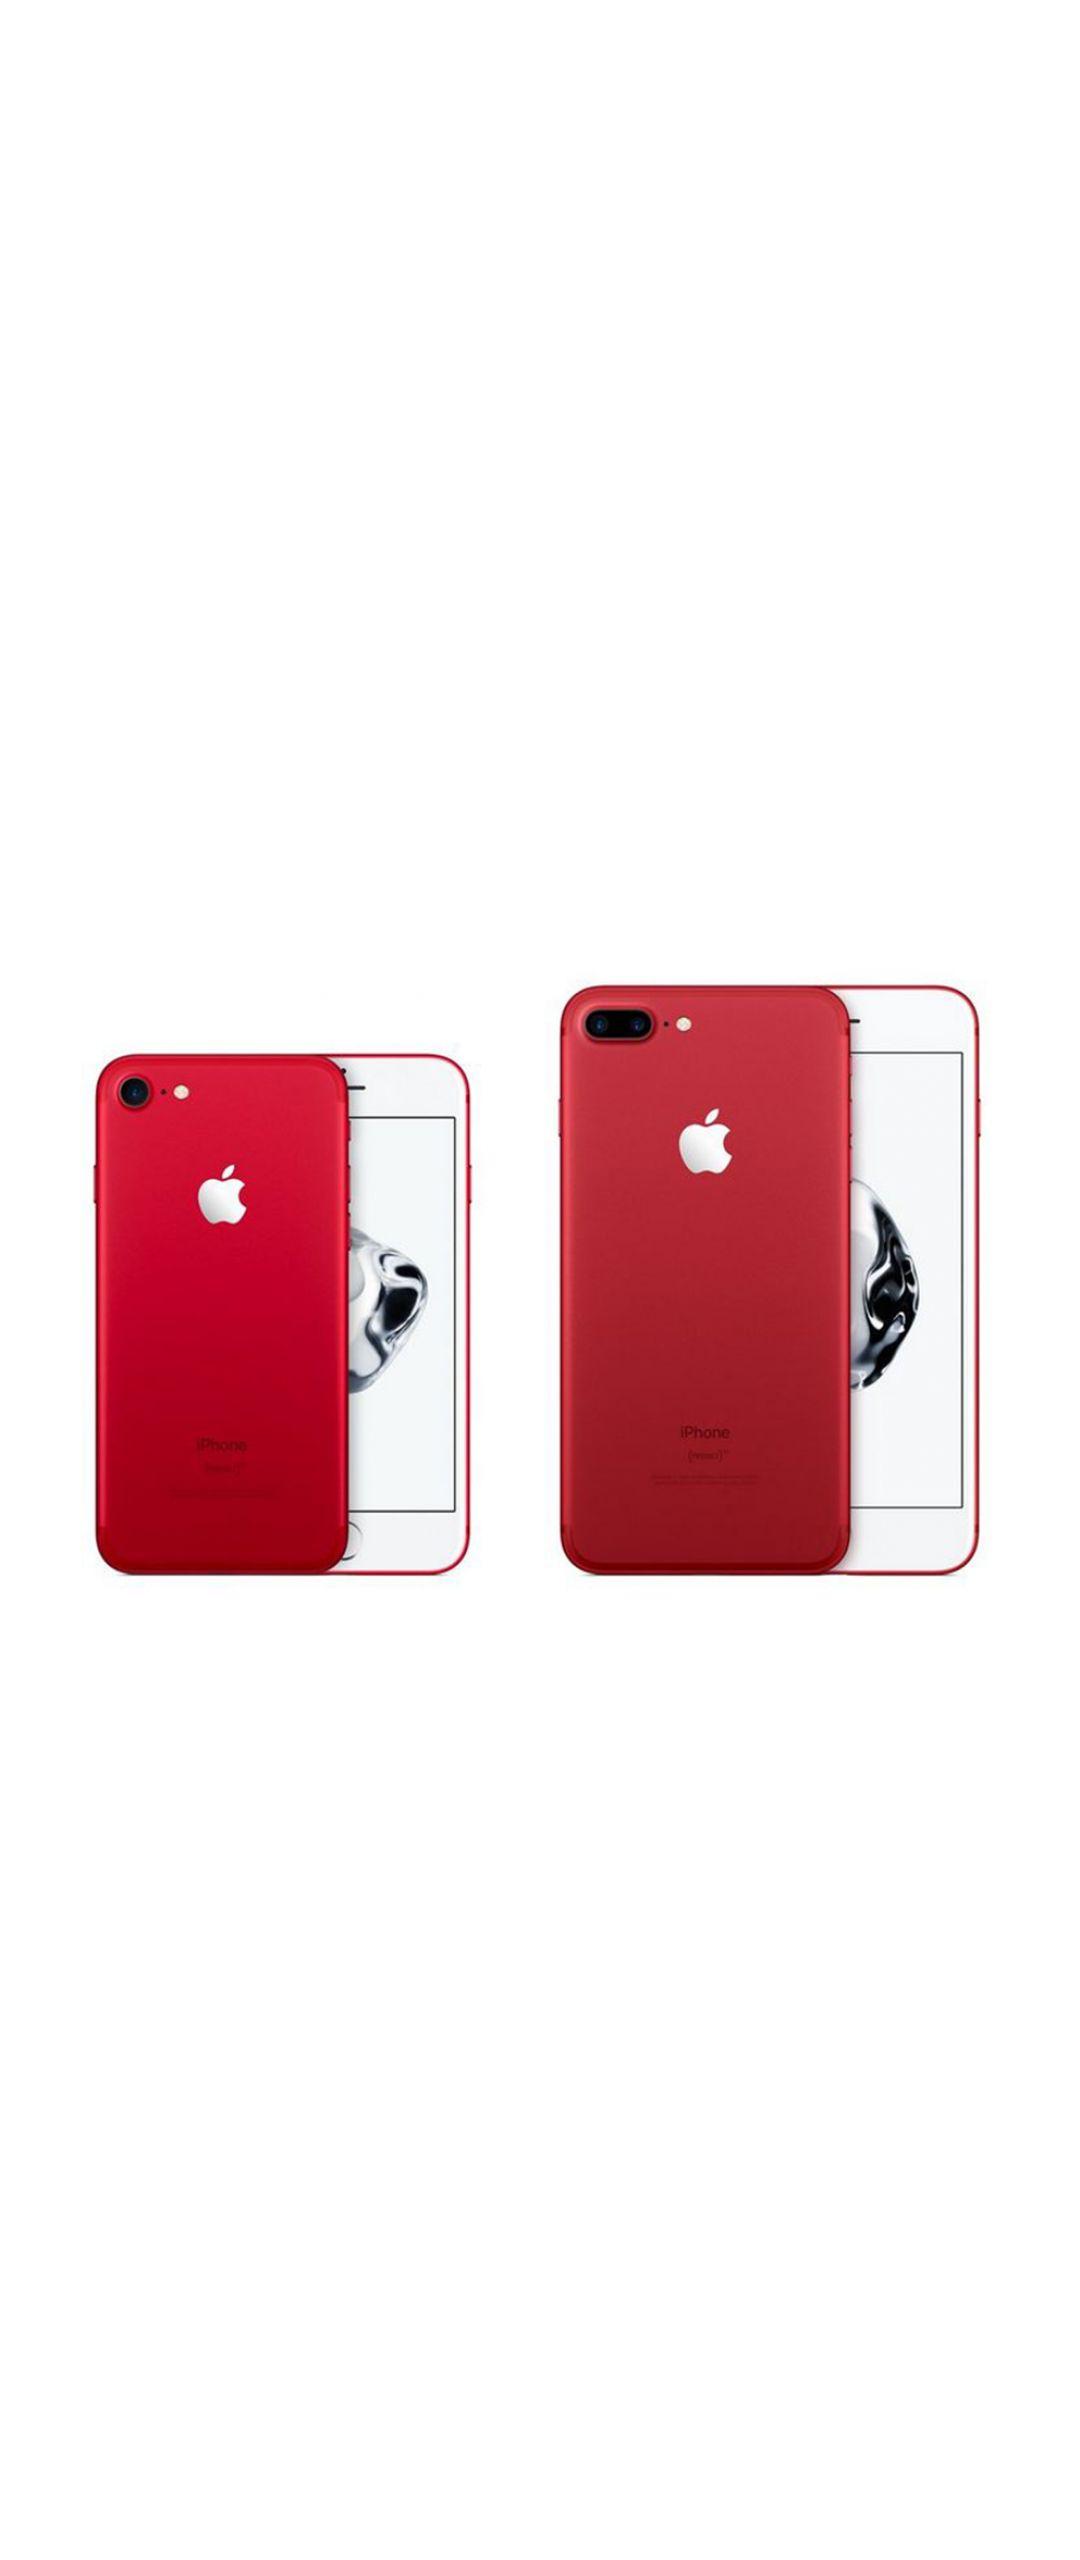 Apple anuncia el iPhone 7 en color rojo